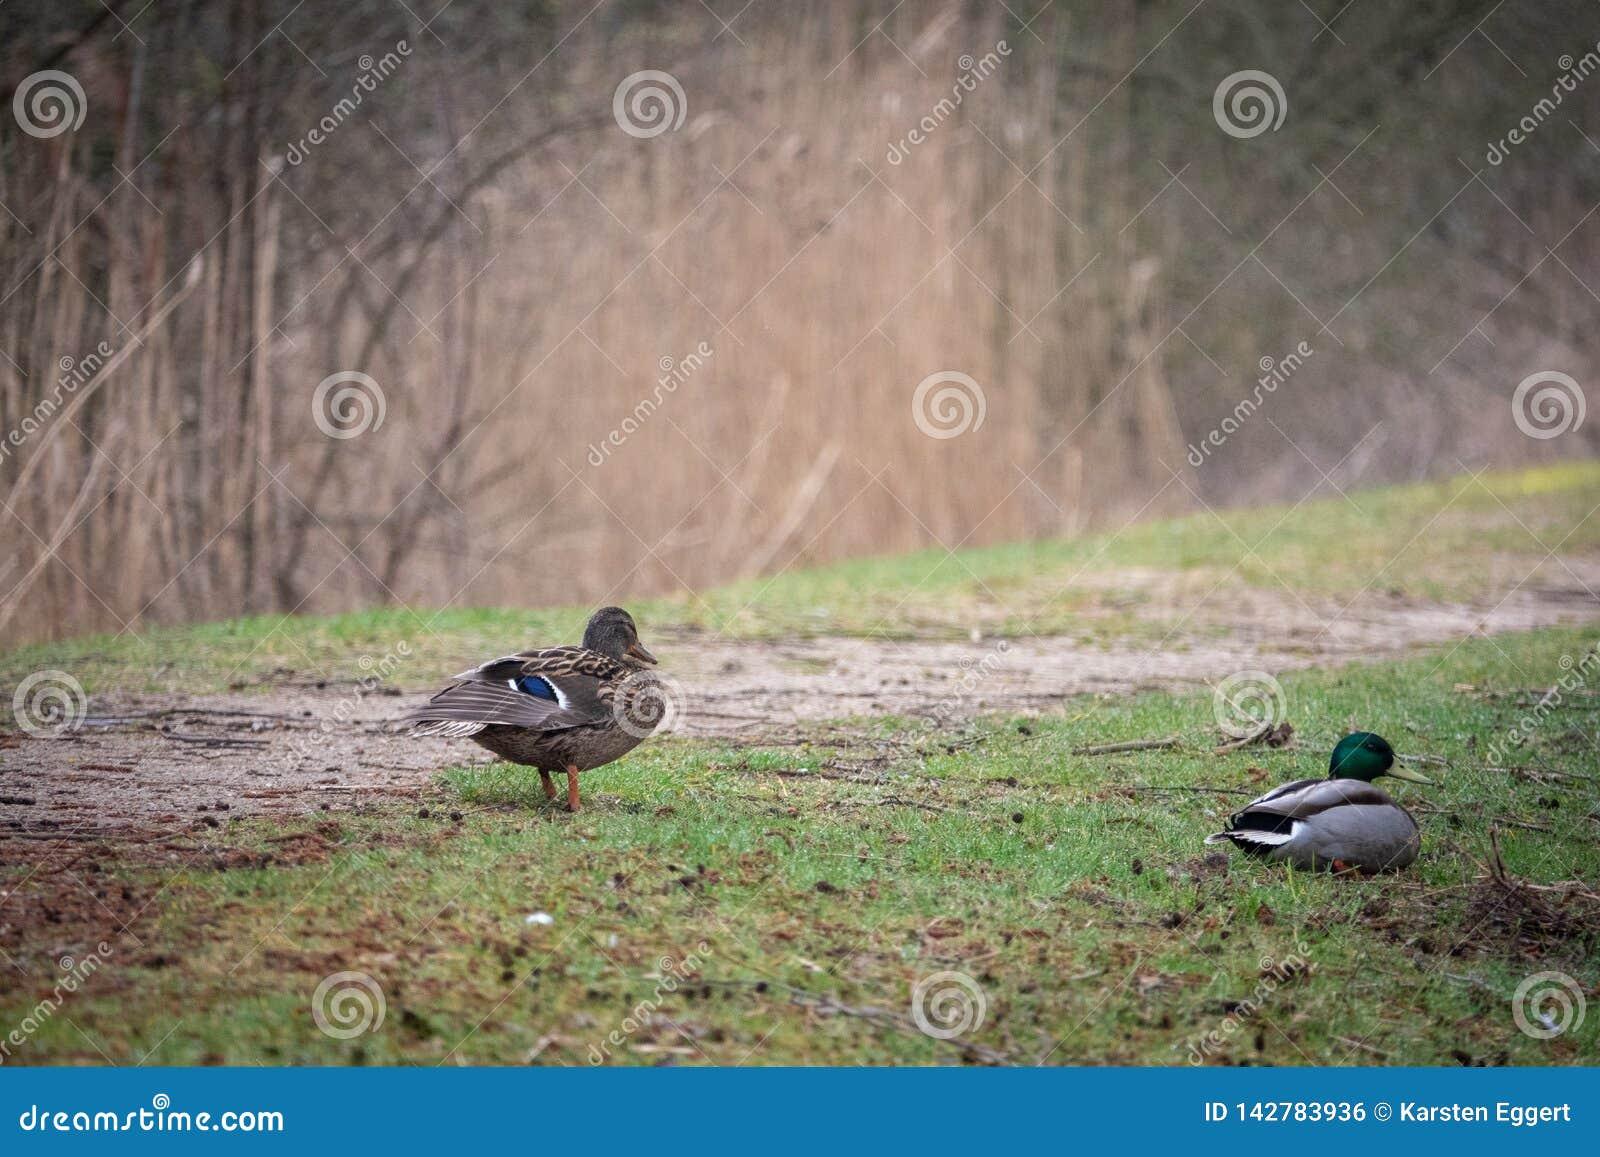 Patos do pato selvagem em um banco